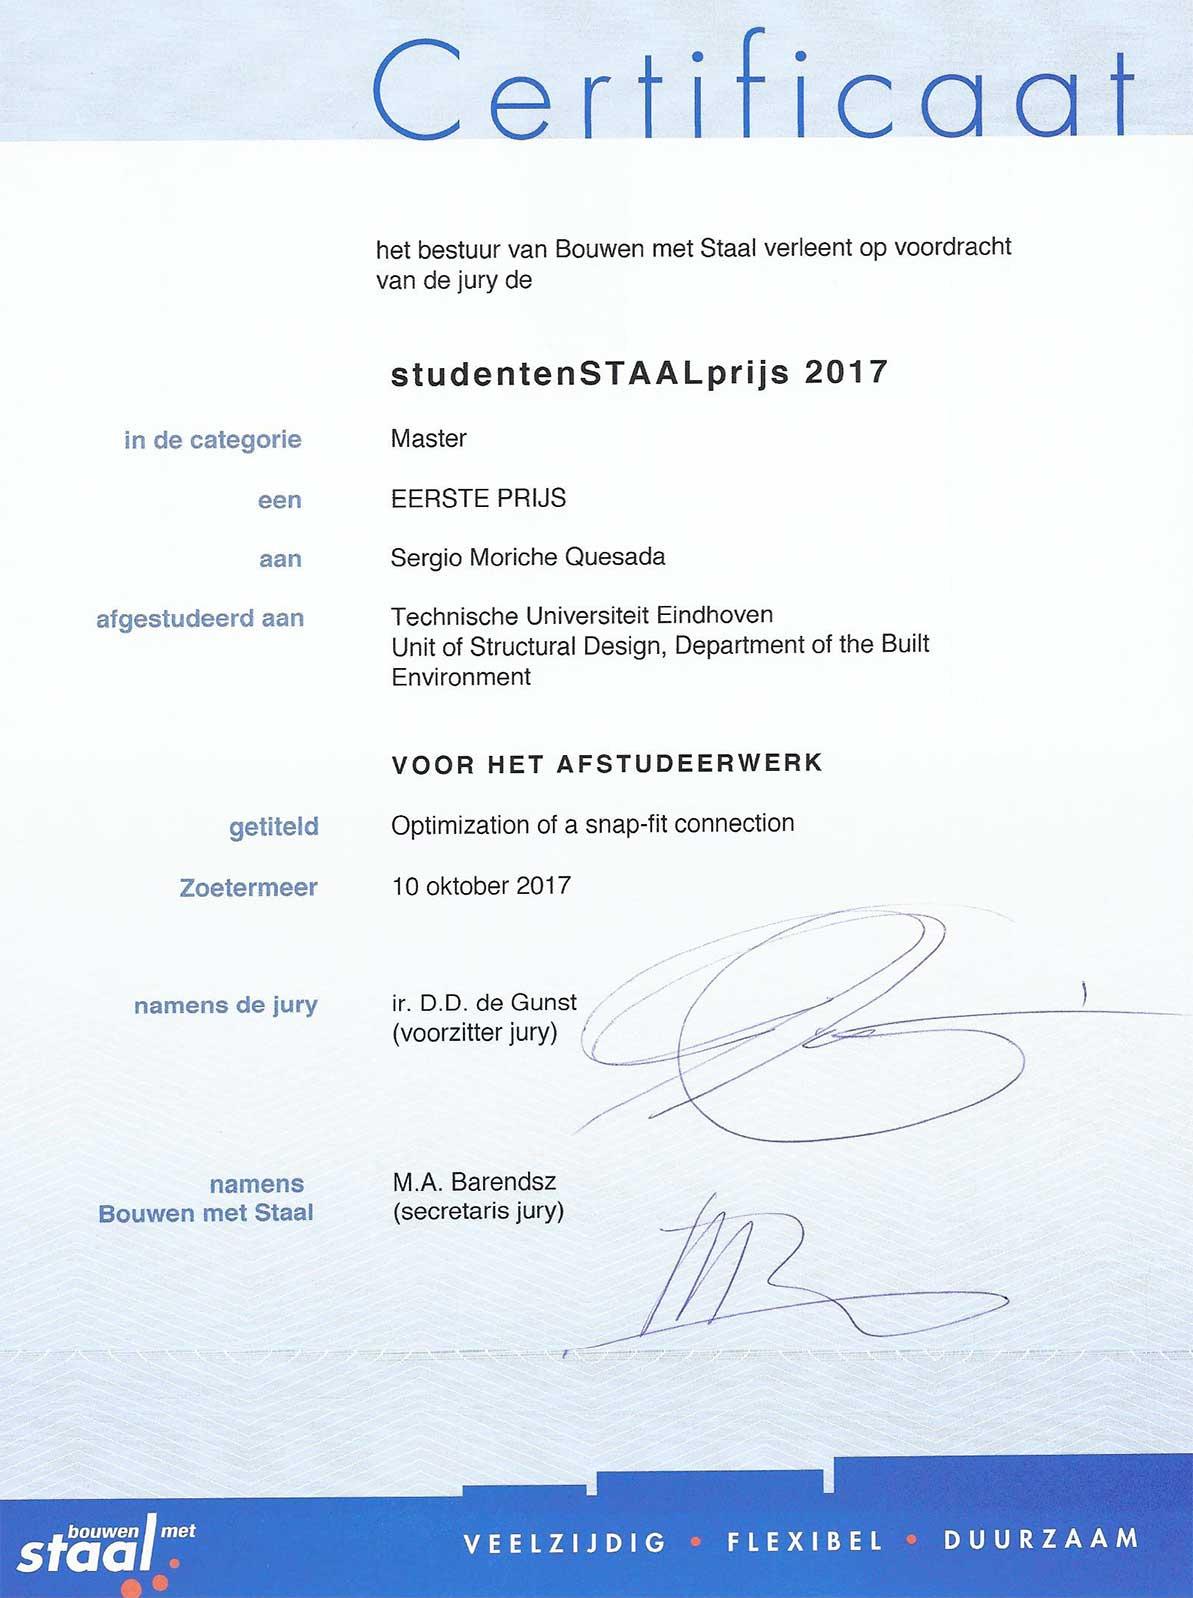 Certificaat Studenten Staal Prijs 2017